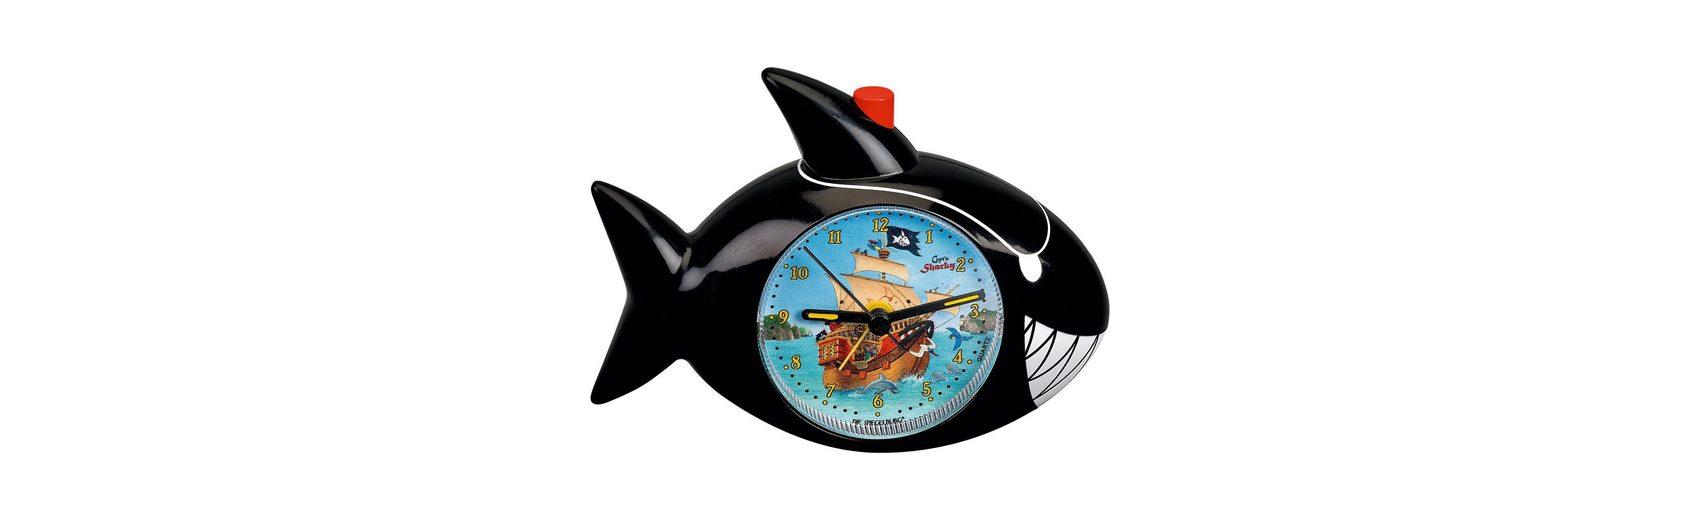 Spiegelburg Wecker Capt'n Sharky